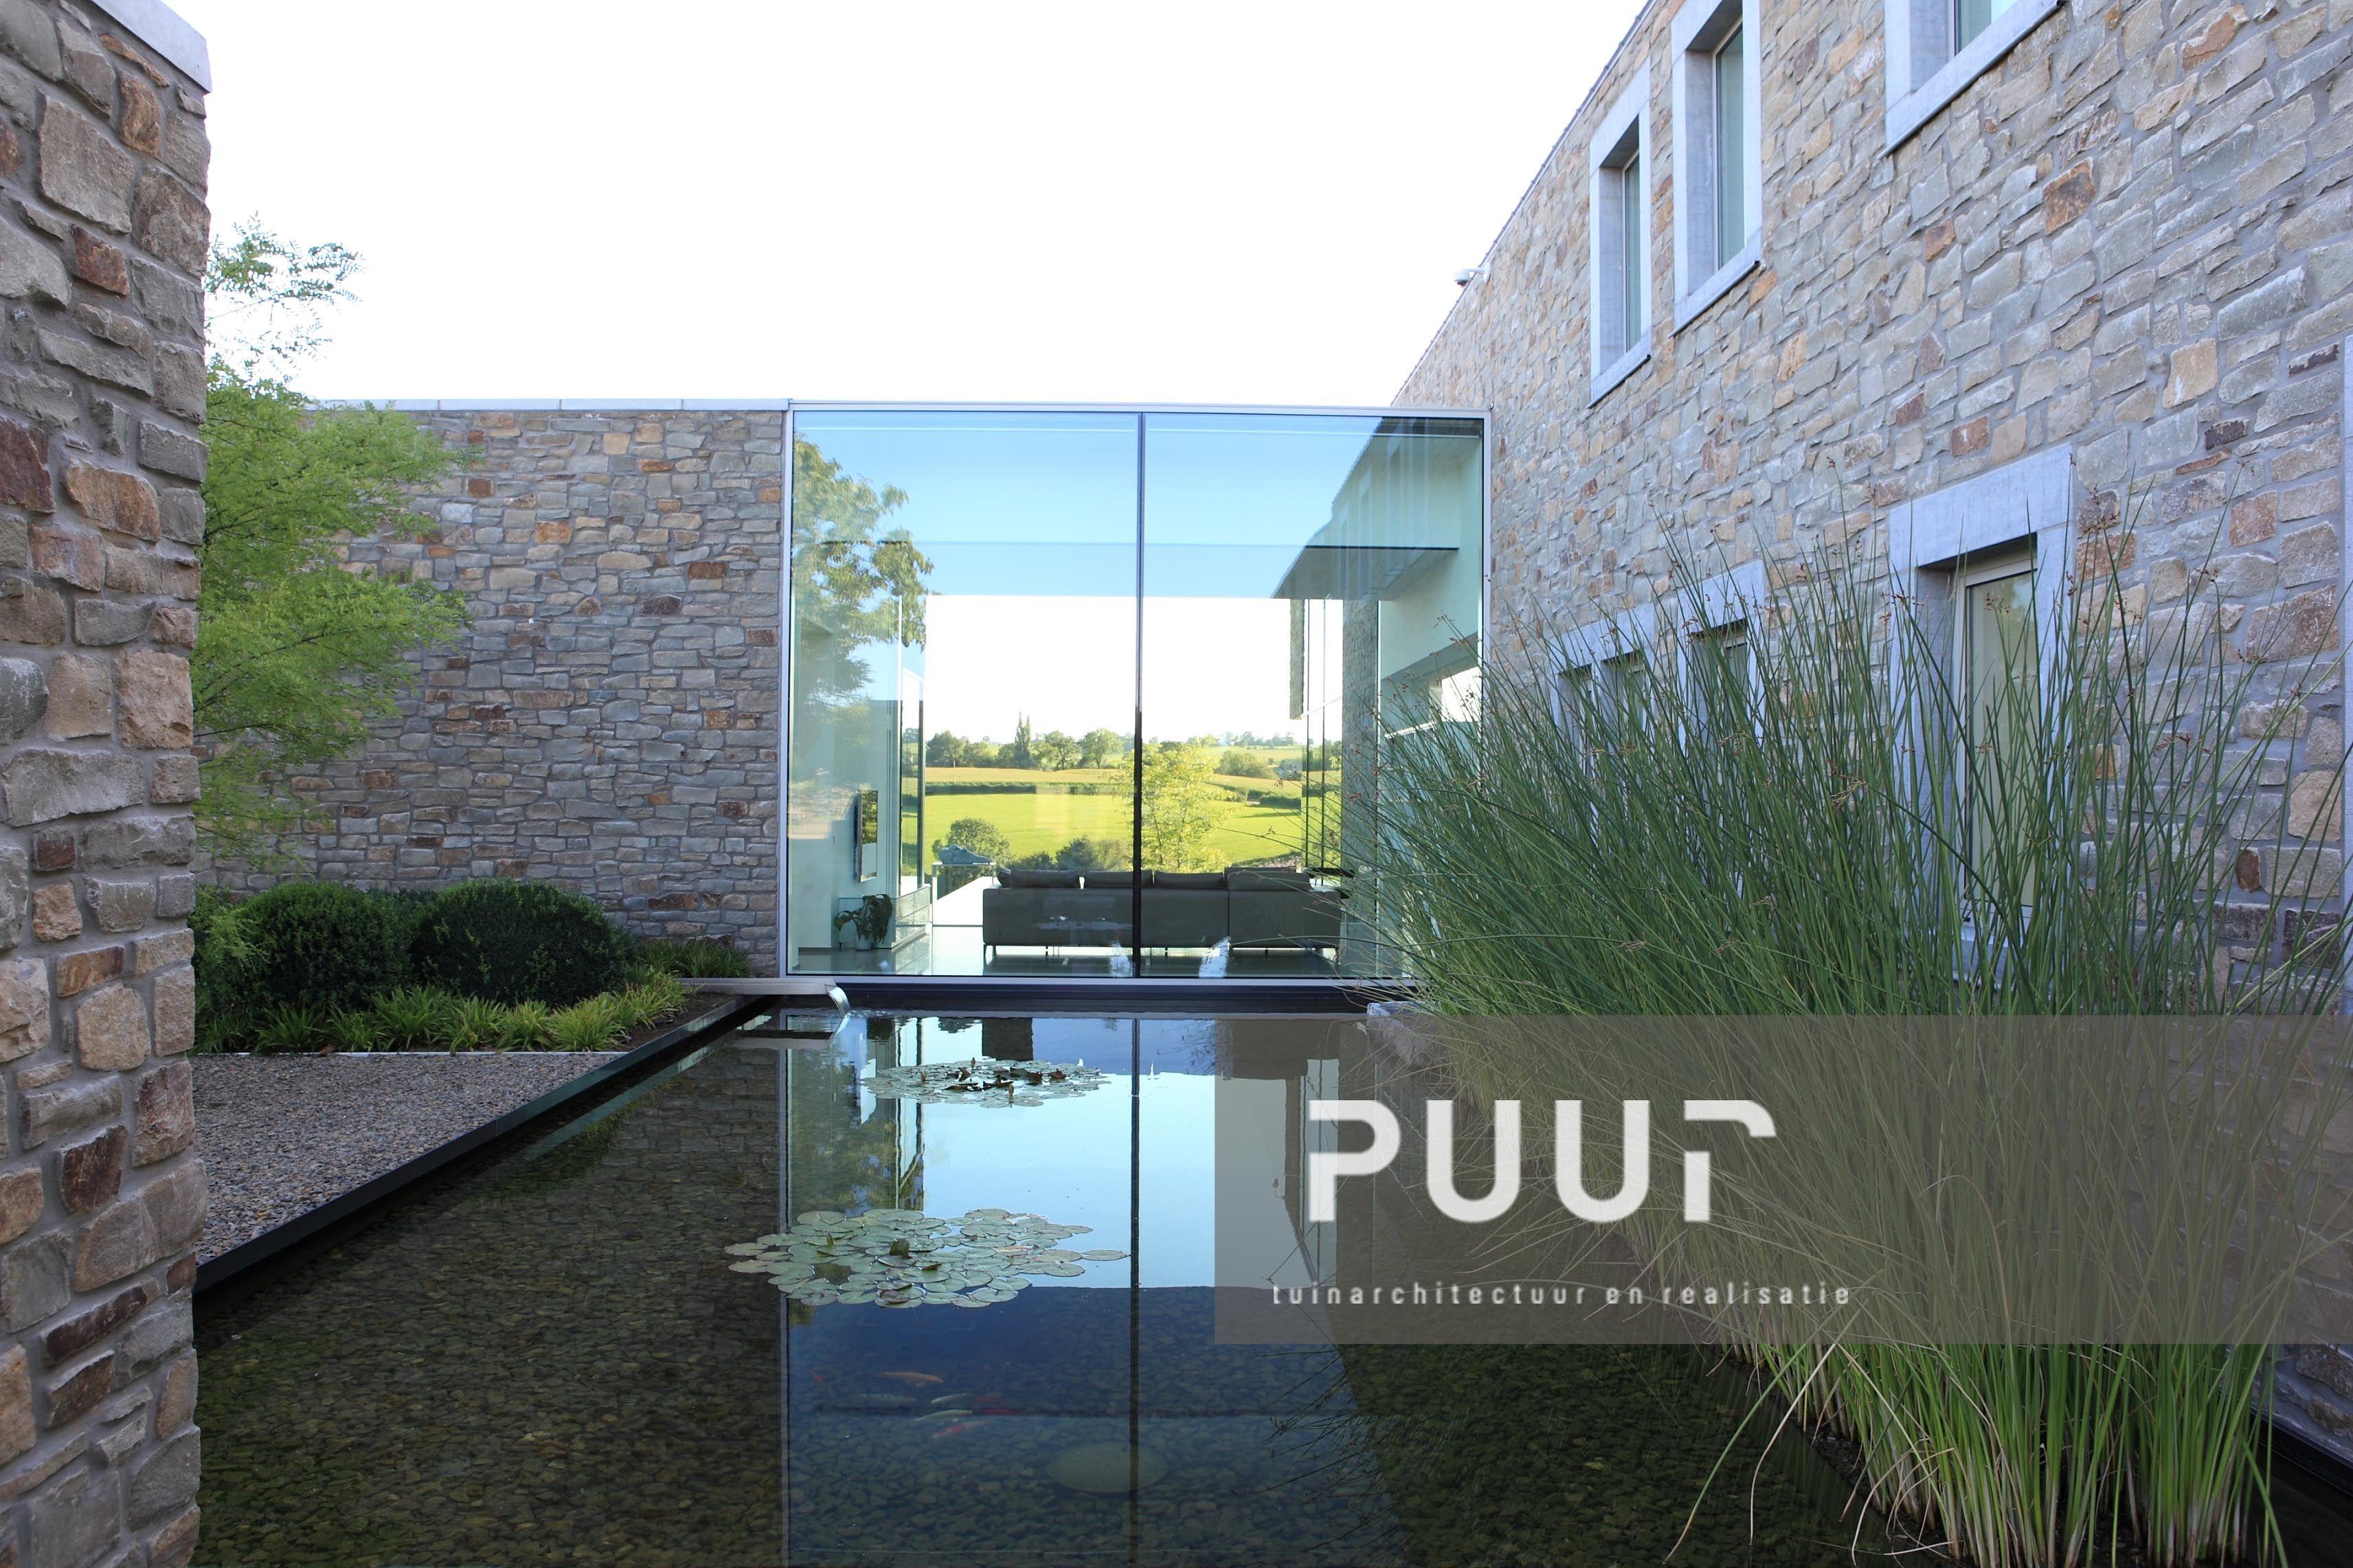 Pin by art verbeeck on puur groenprojecten belgië pinterest